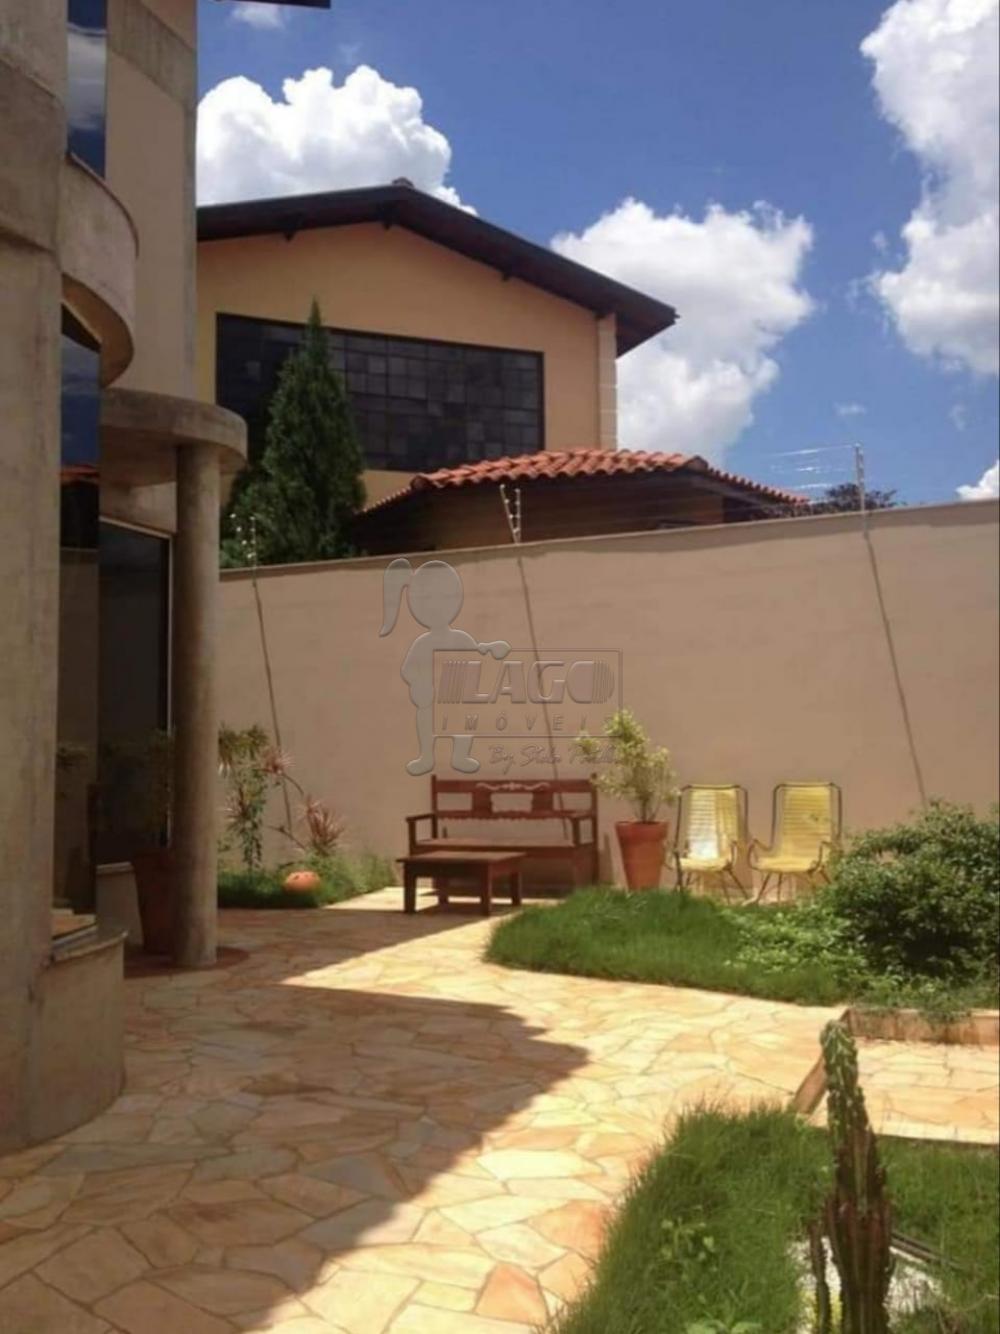 Comprar Casas / Padrão em Ribeirão Preto apenas R$ 680.000,00 - Foto 2